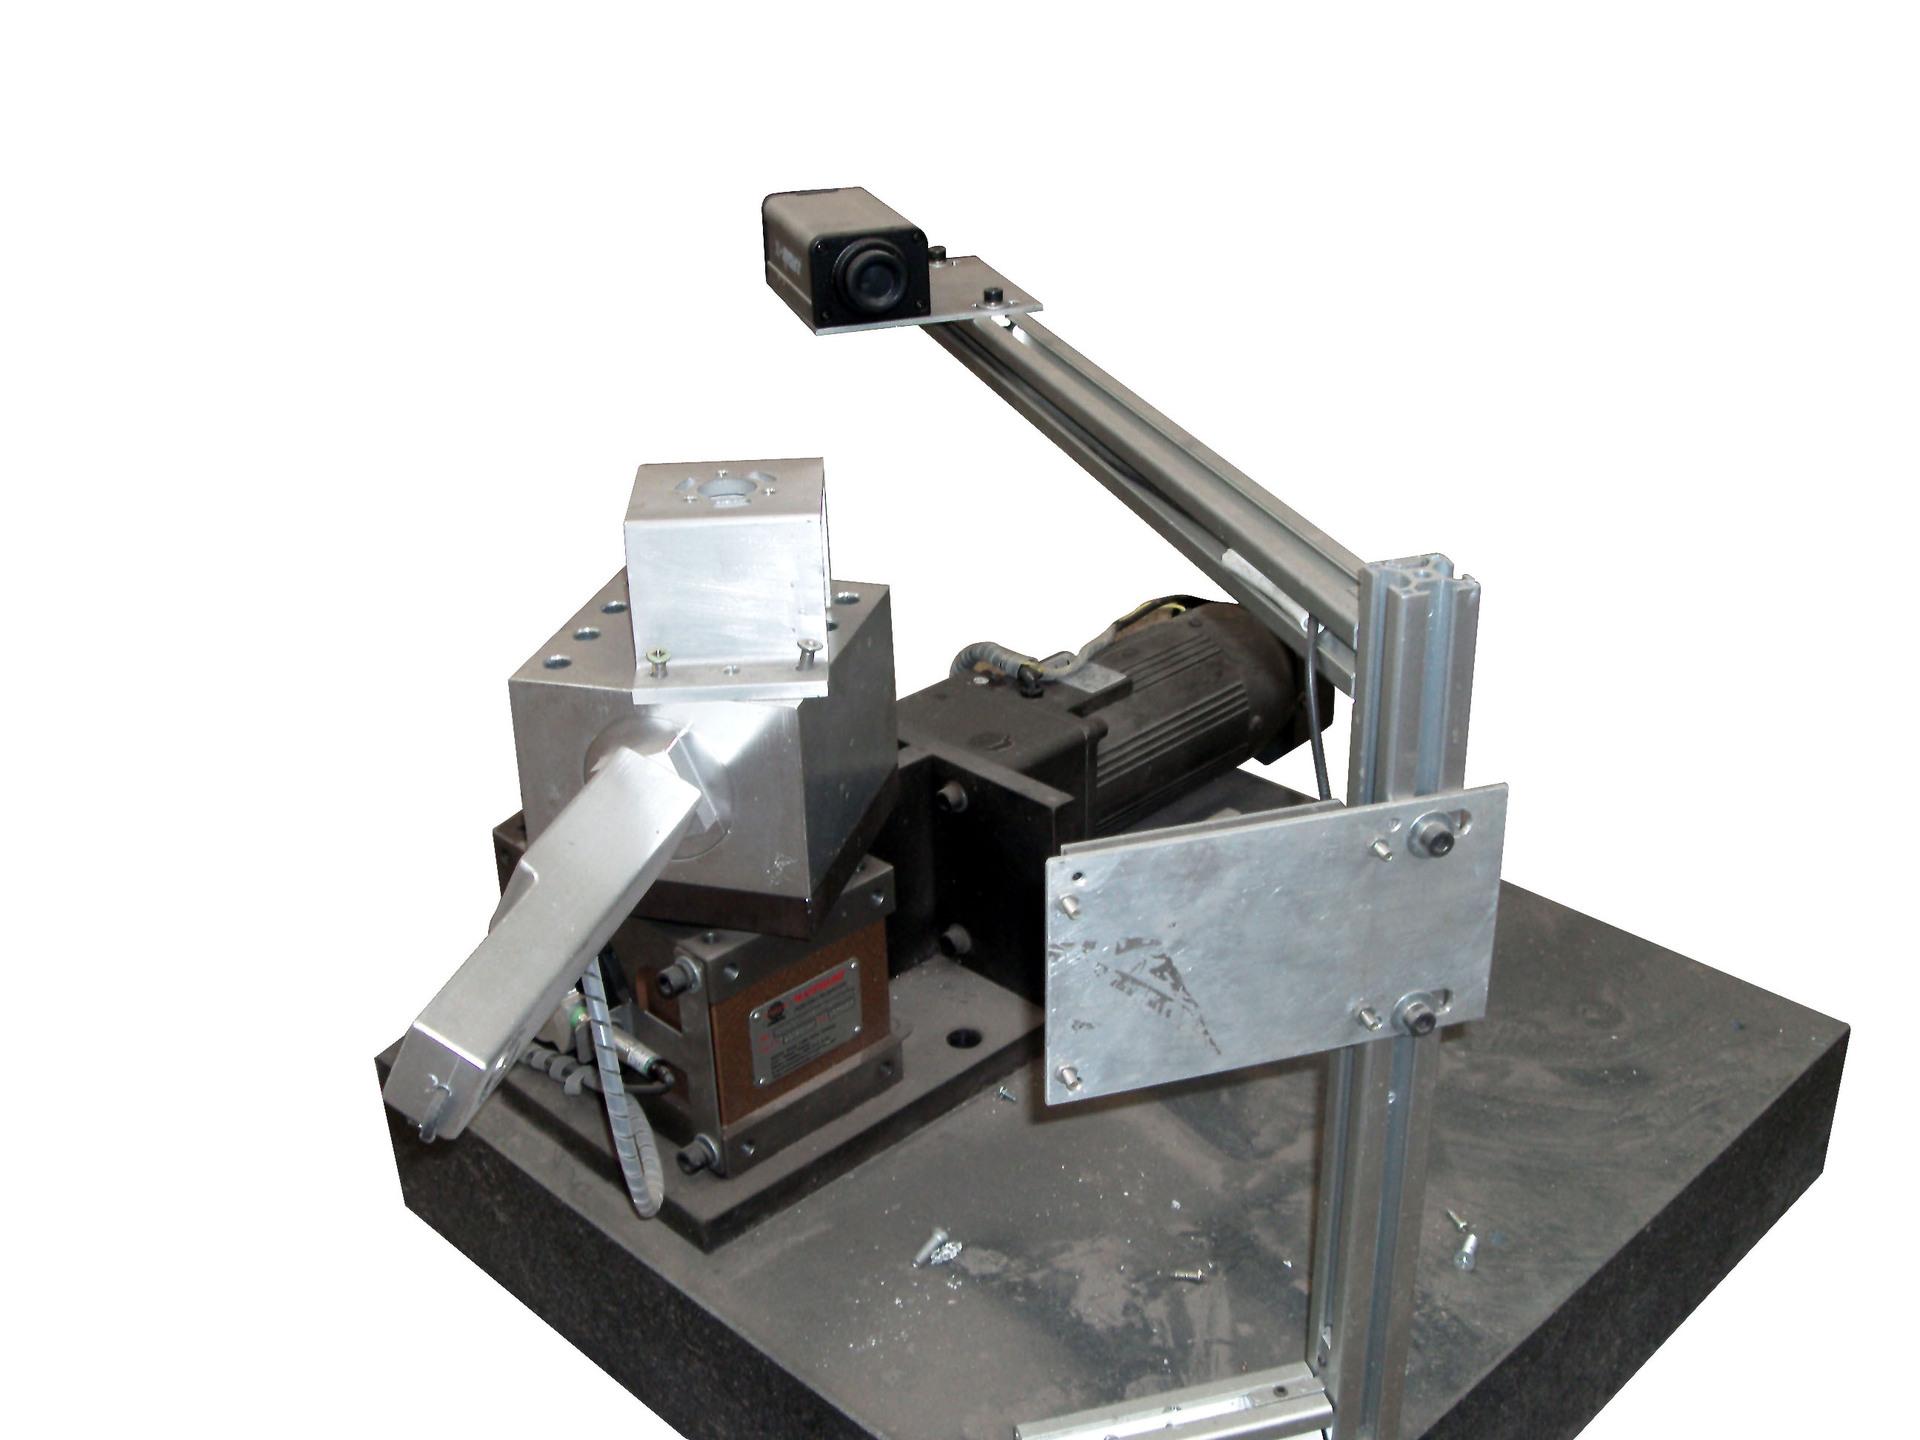 非标自动化设备 自动化设备 供应非标自动化设备 旋压机 阿里巴巴